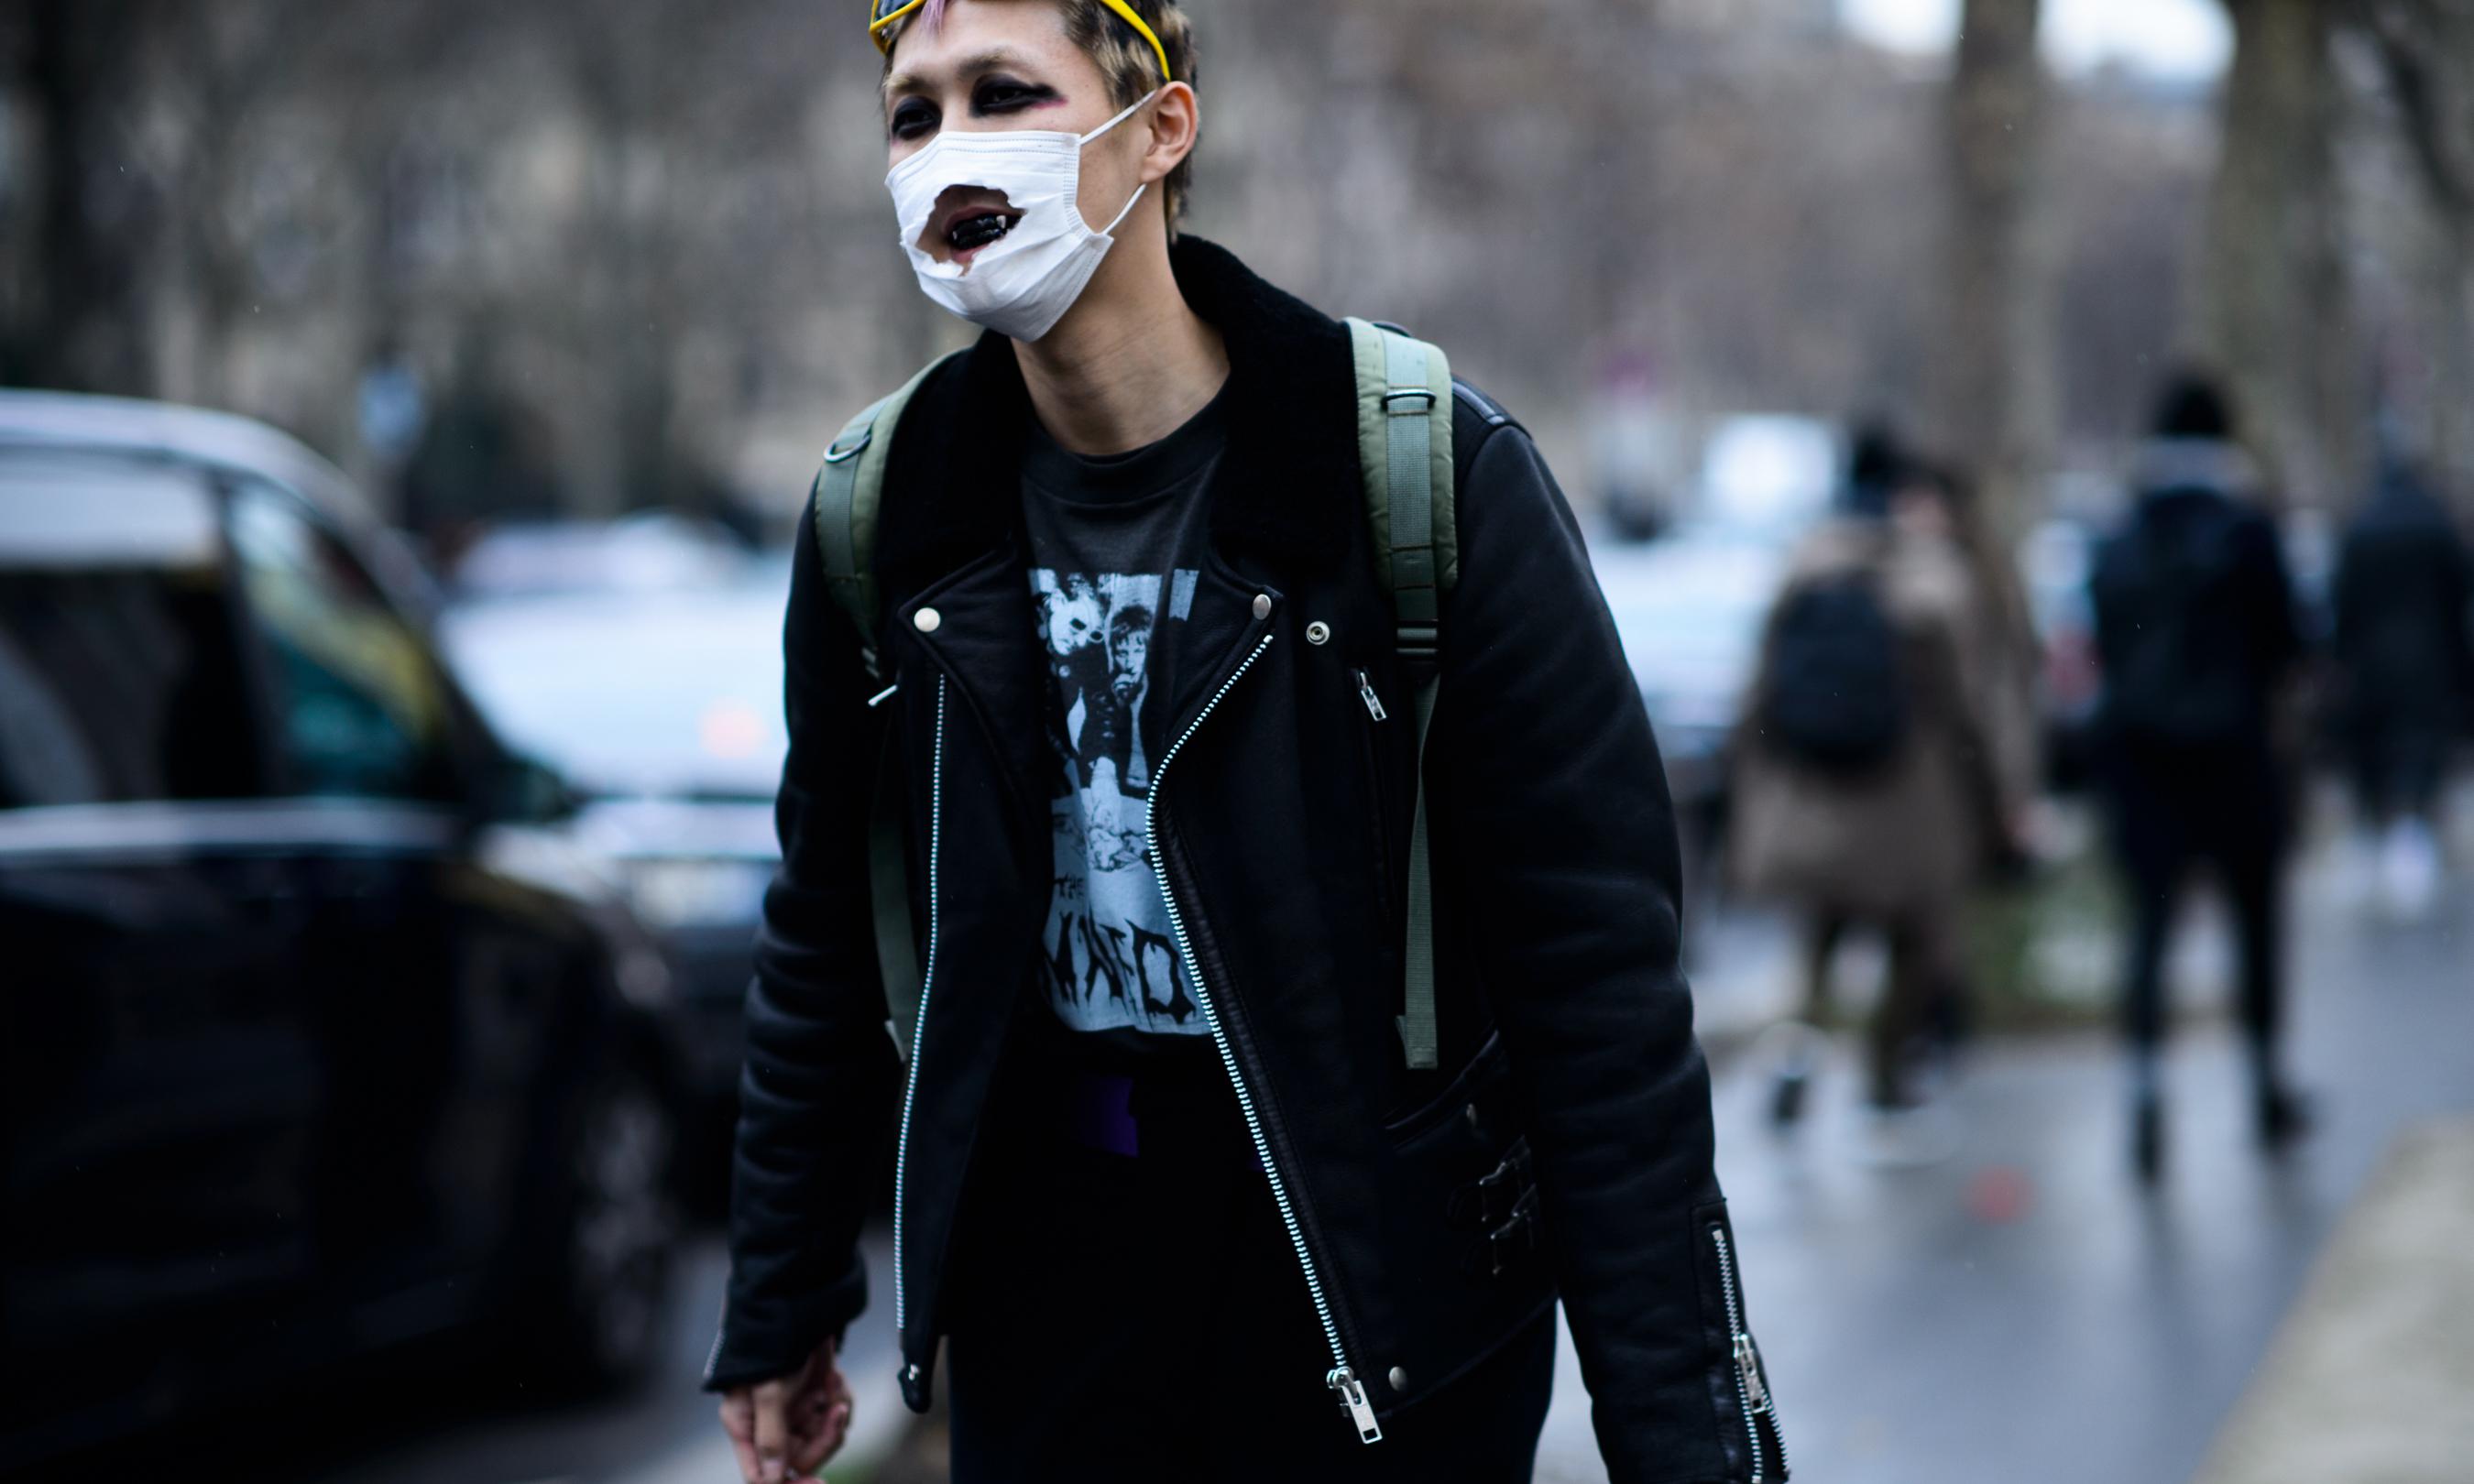 是不是只有穿铆钉皮衣的才叫朋克?